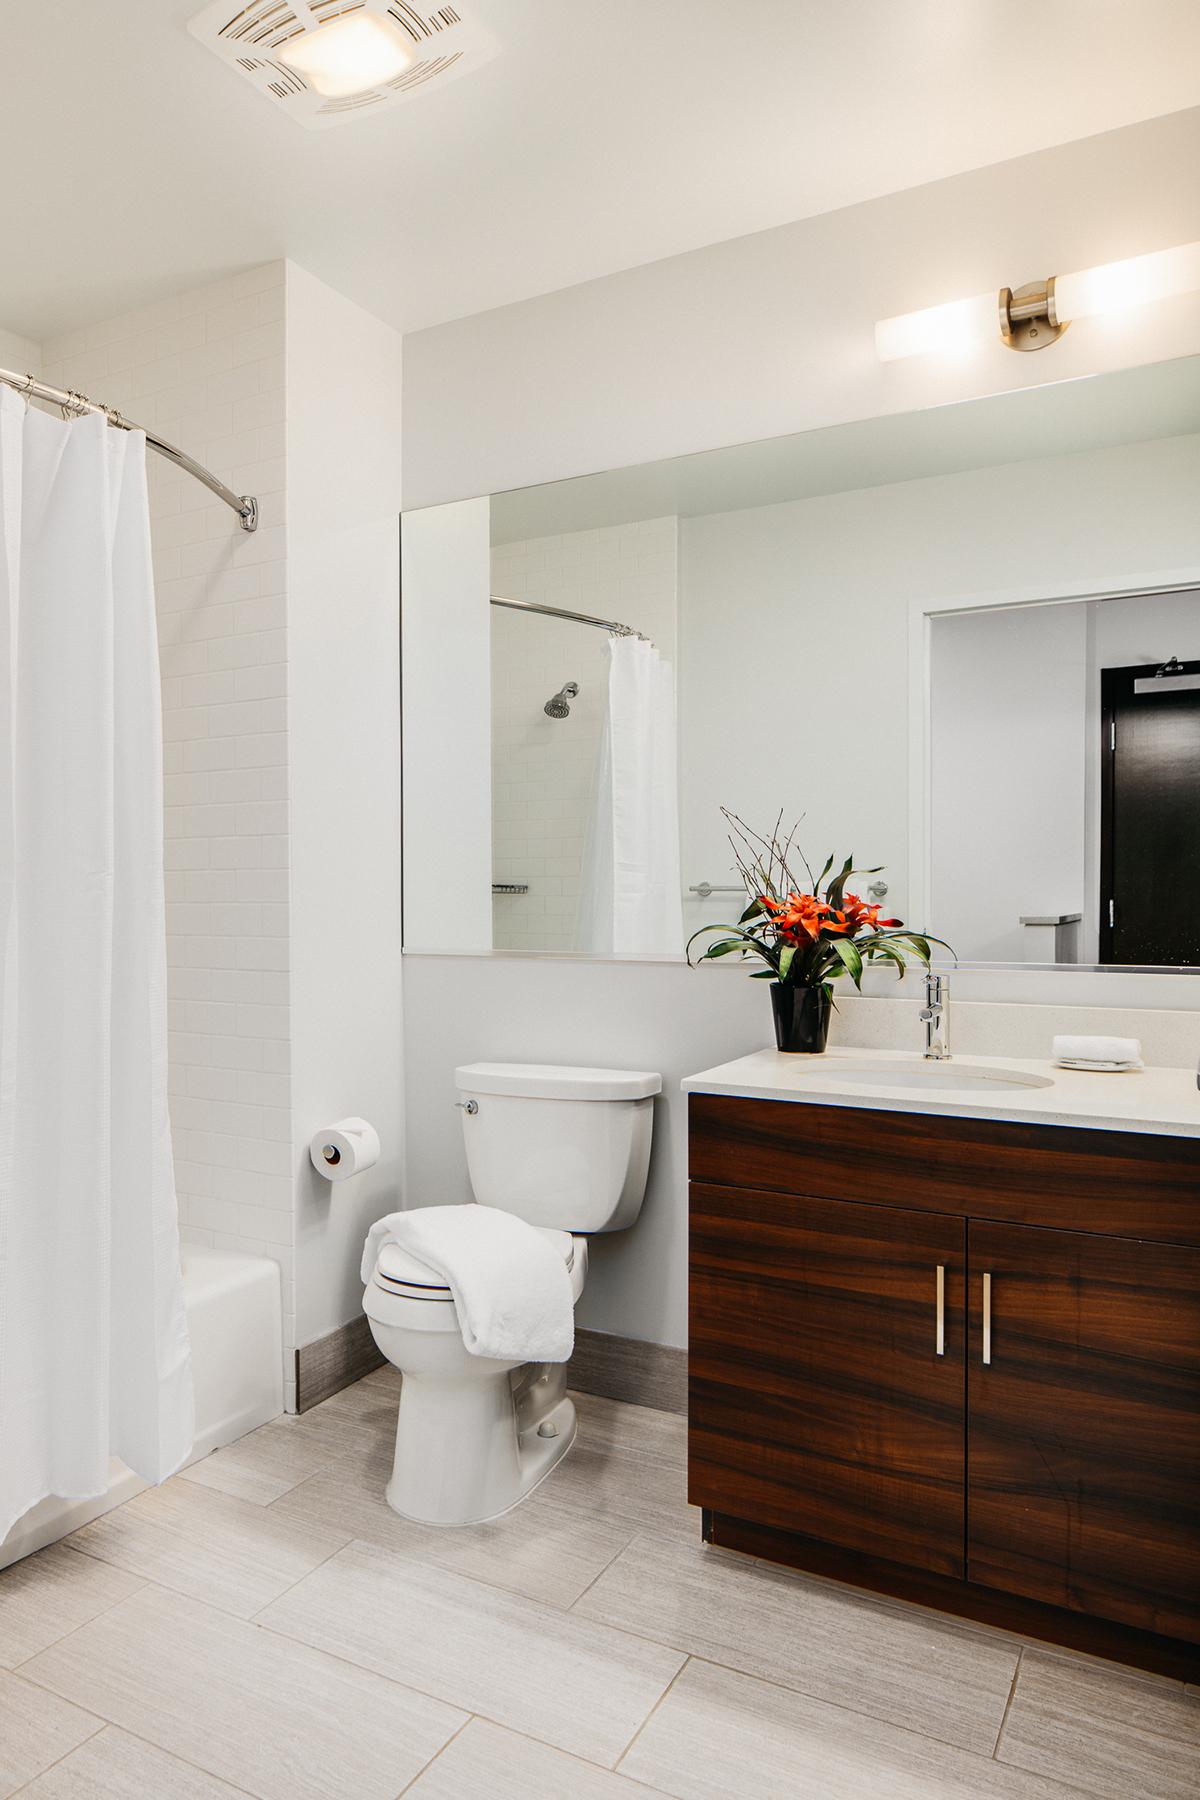 Bathroom at Van Ness Serviced Apartments